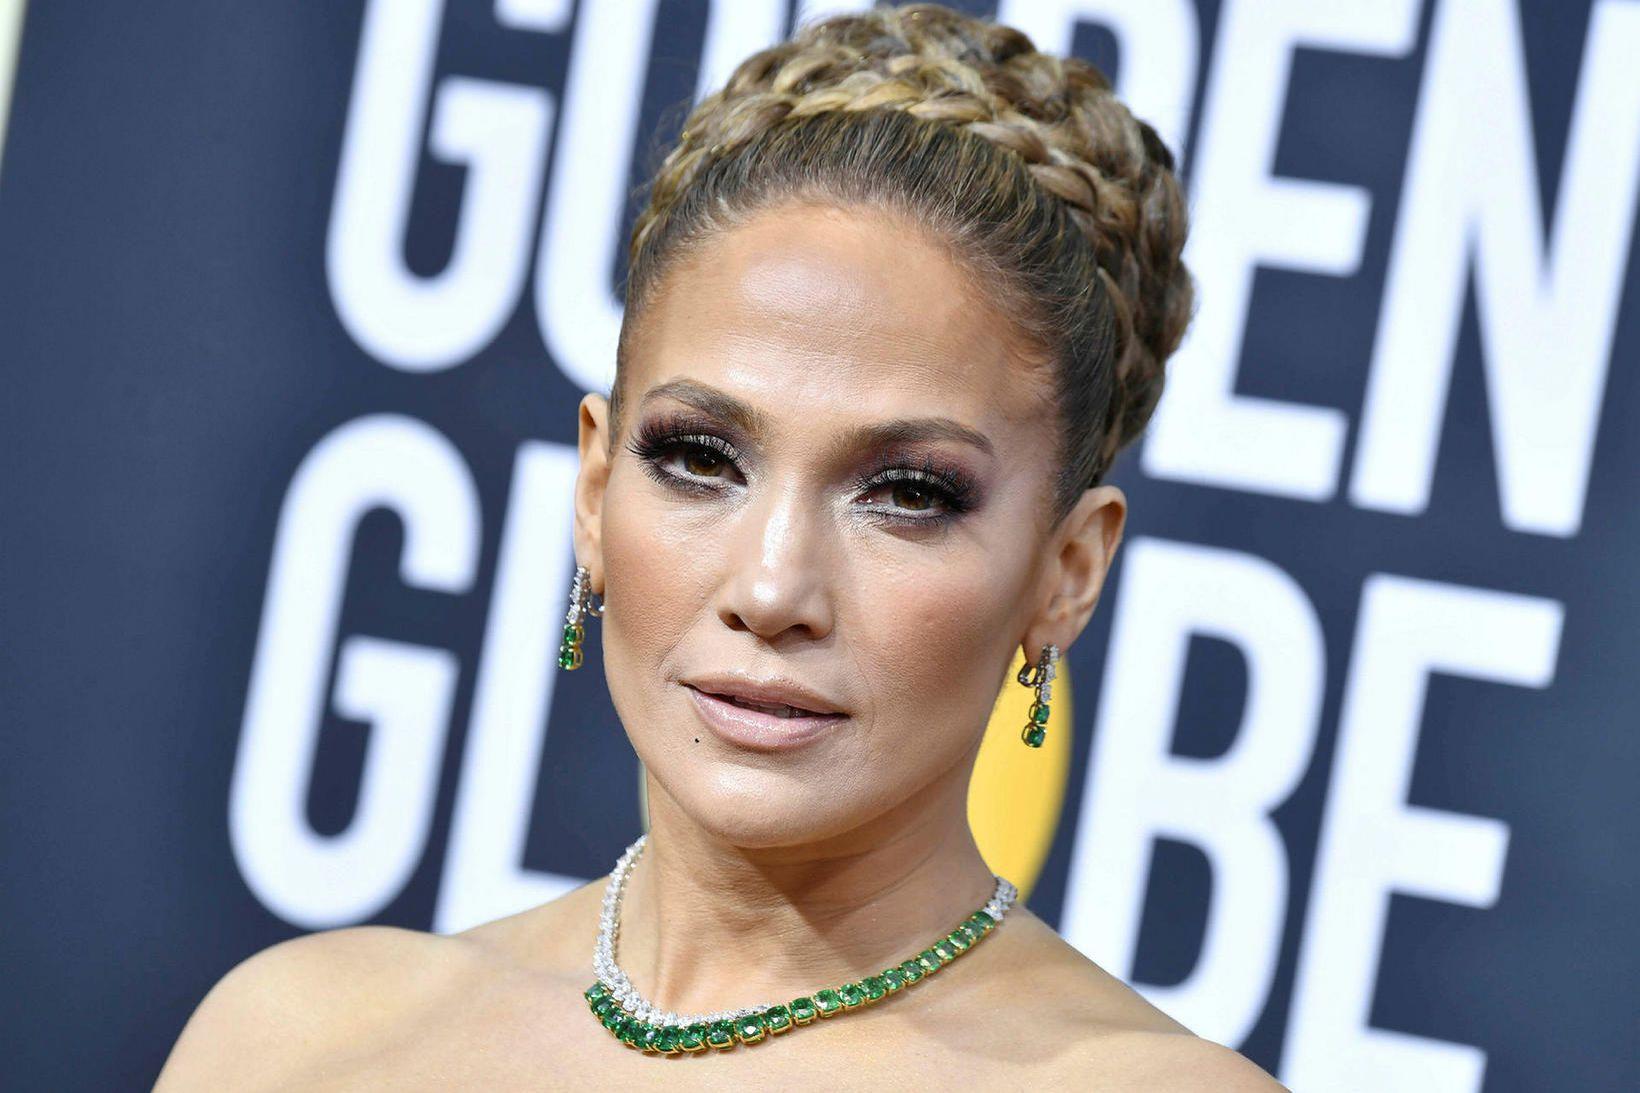 Jennifer Lopez var einn af framleiðendum kvikmyndarinnar Hustlers en hún …